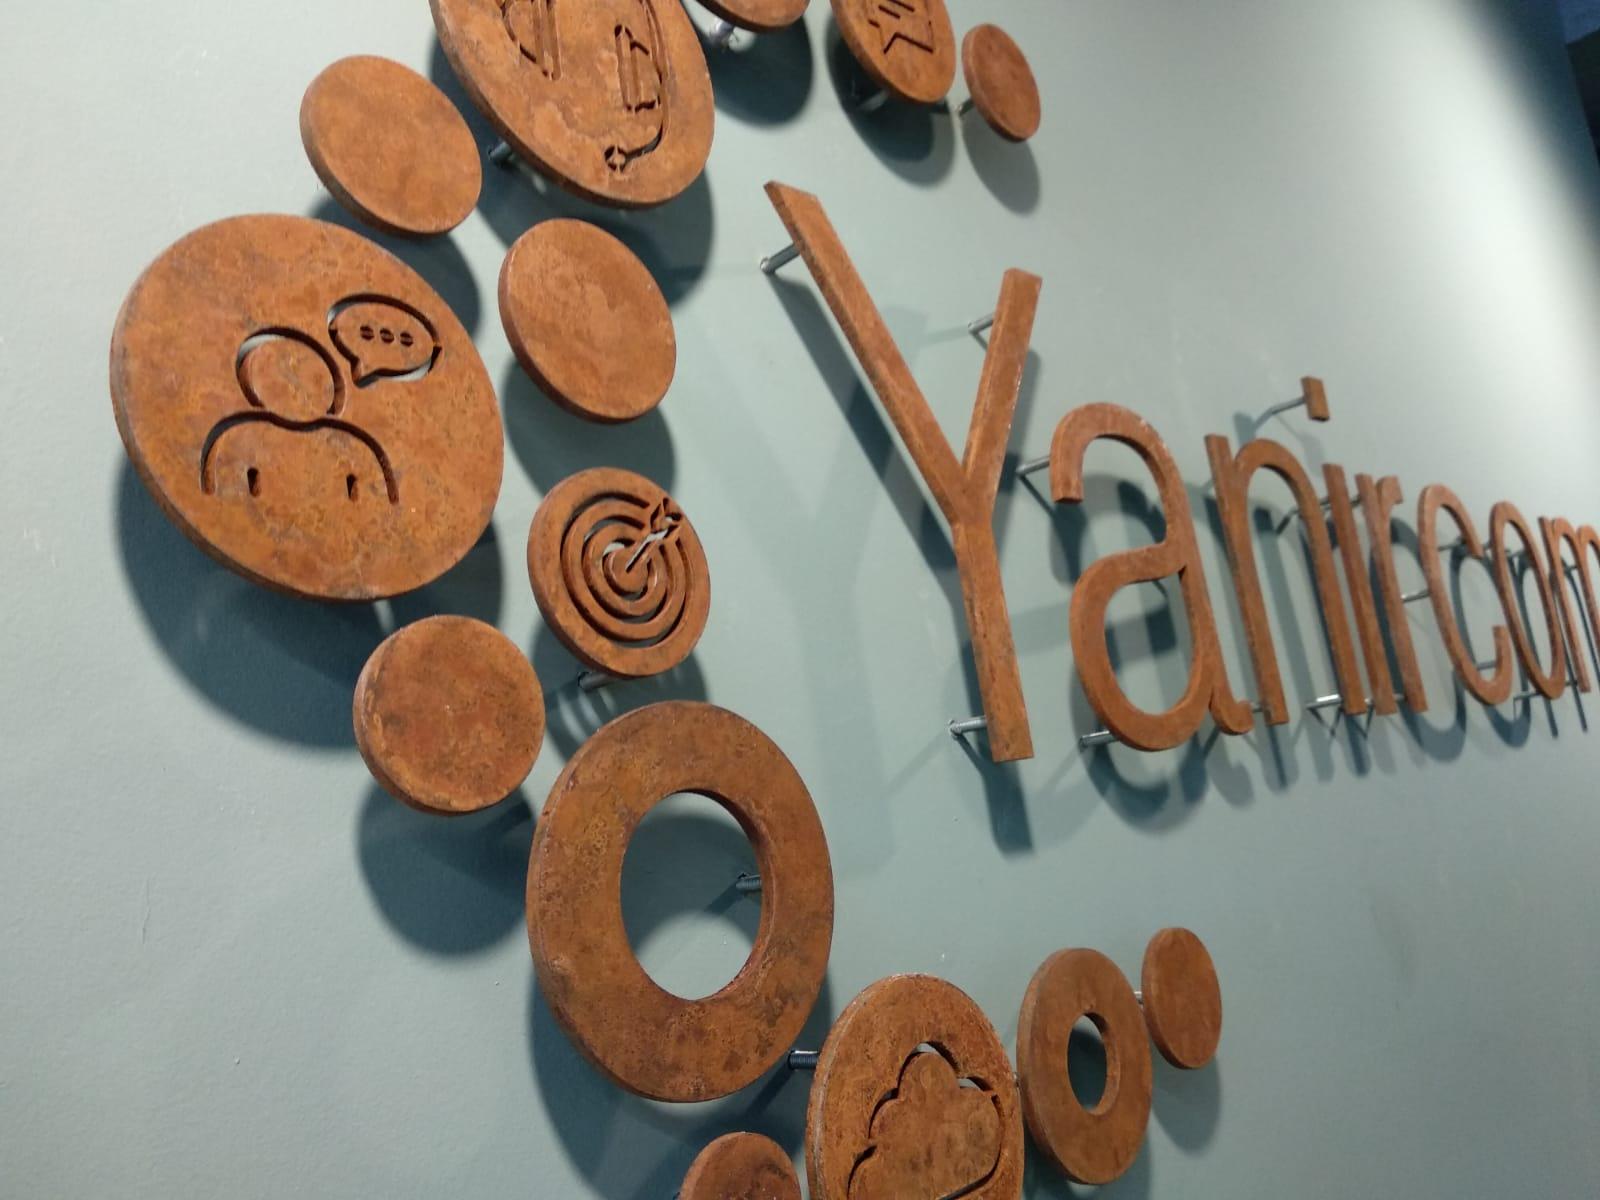 Yanircom